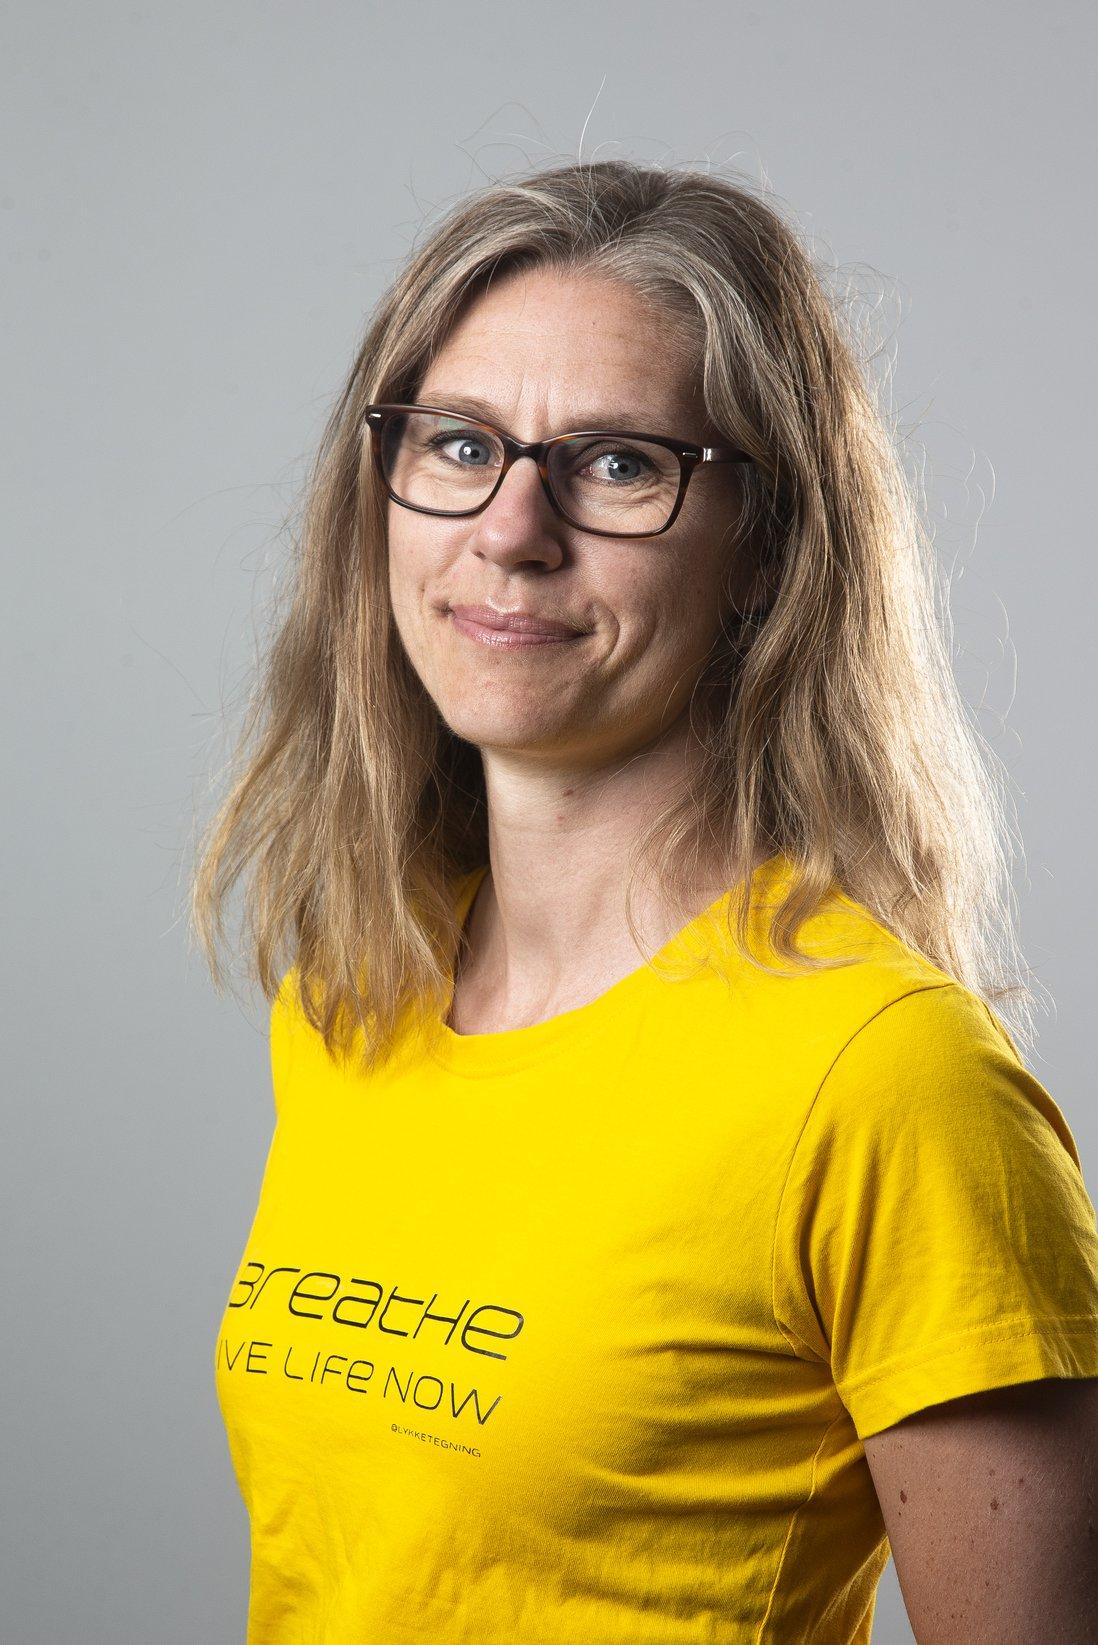 Lene Kristiansen